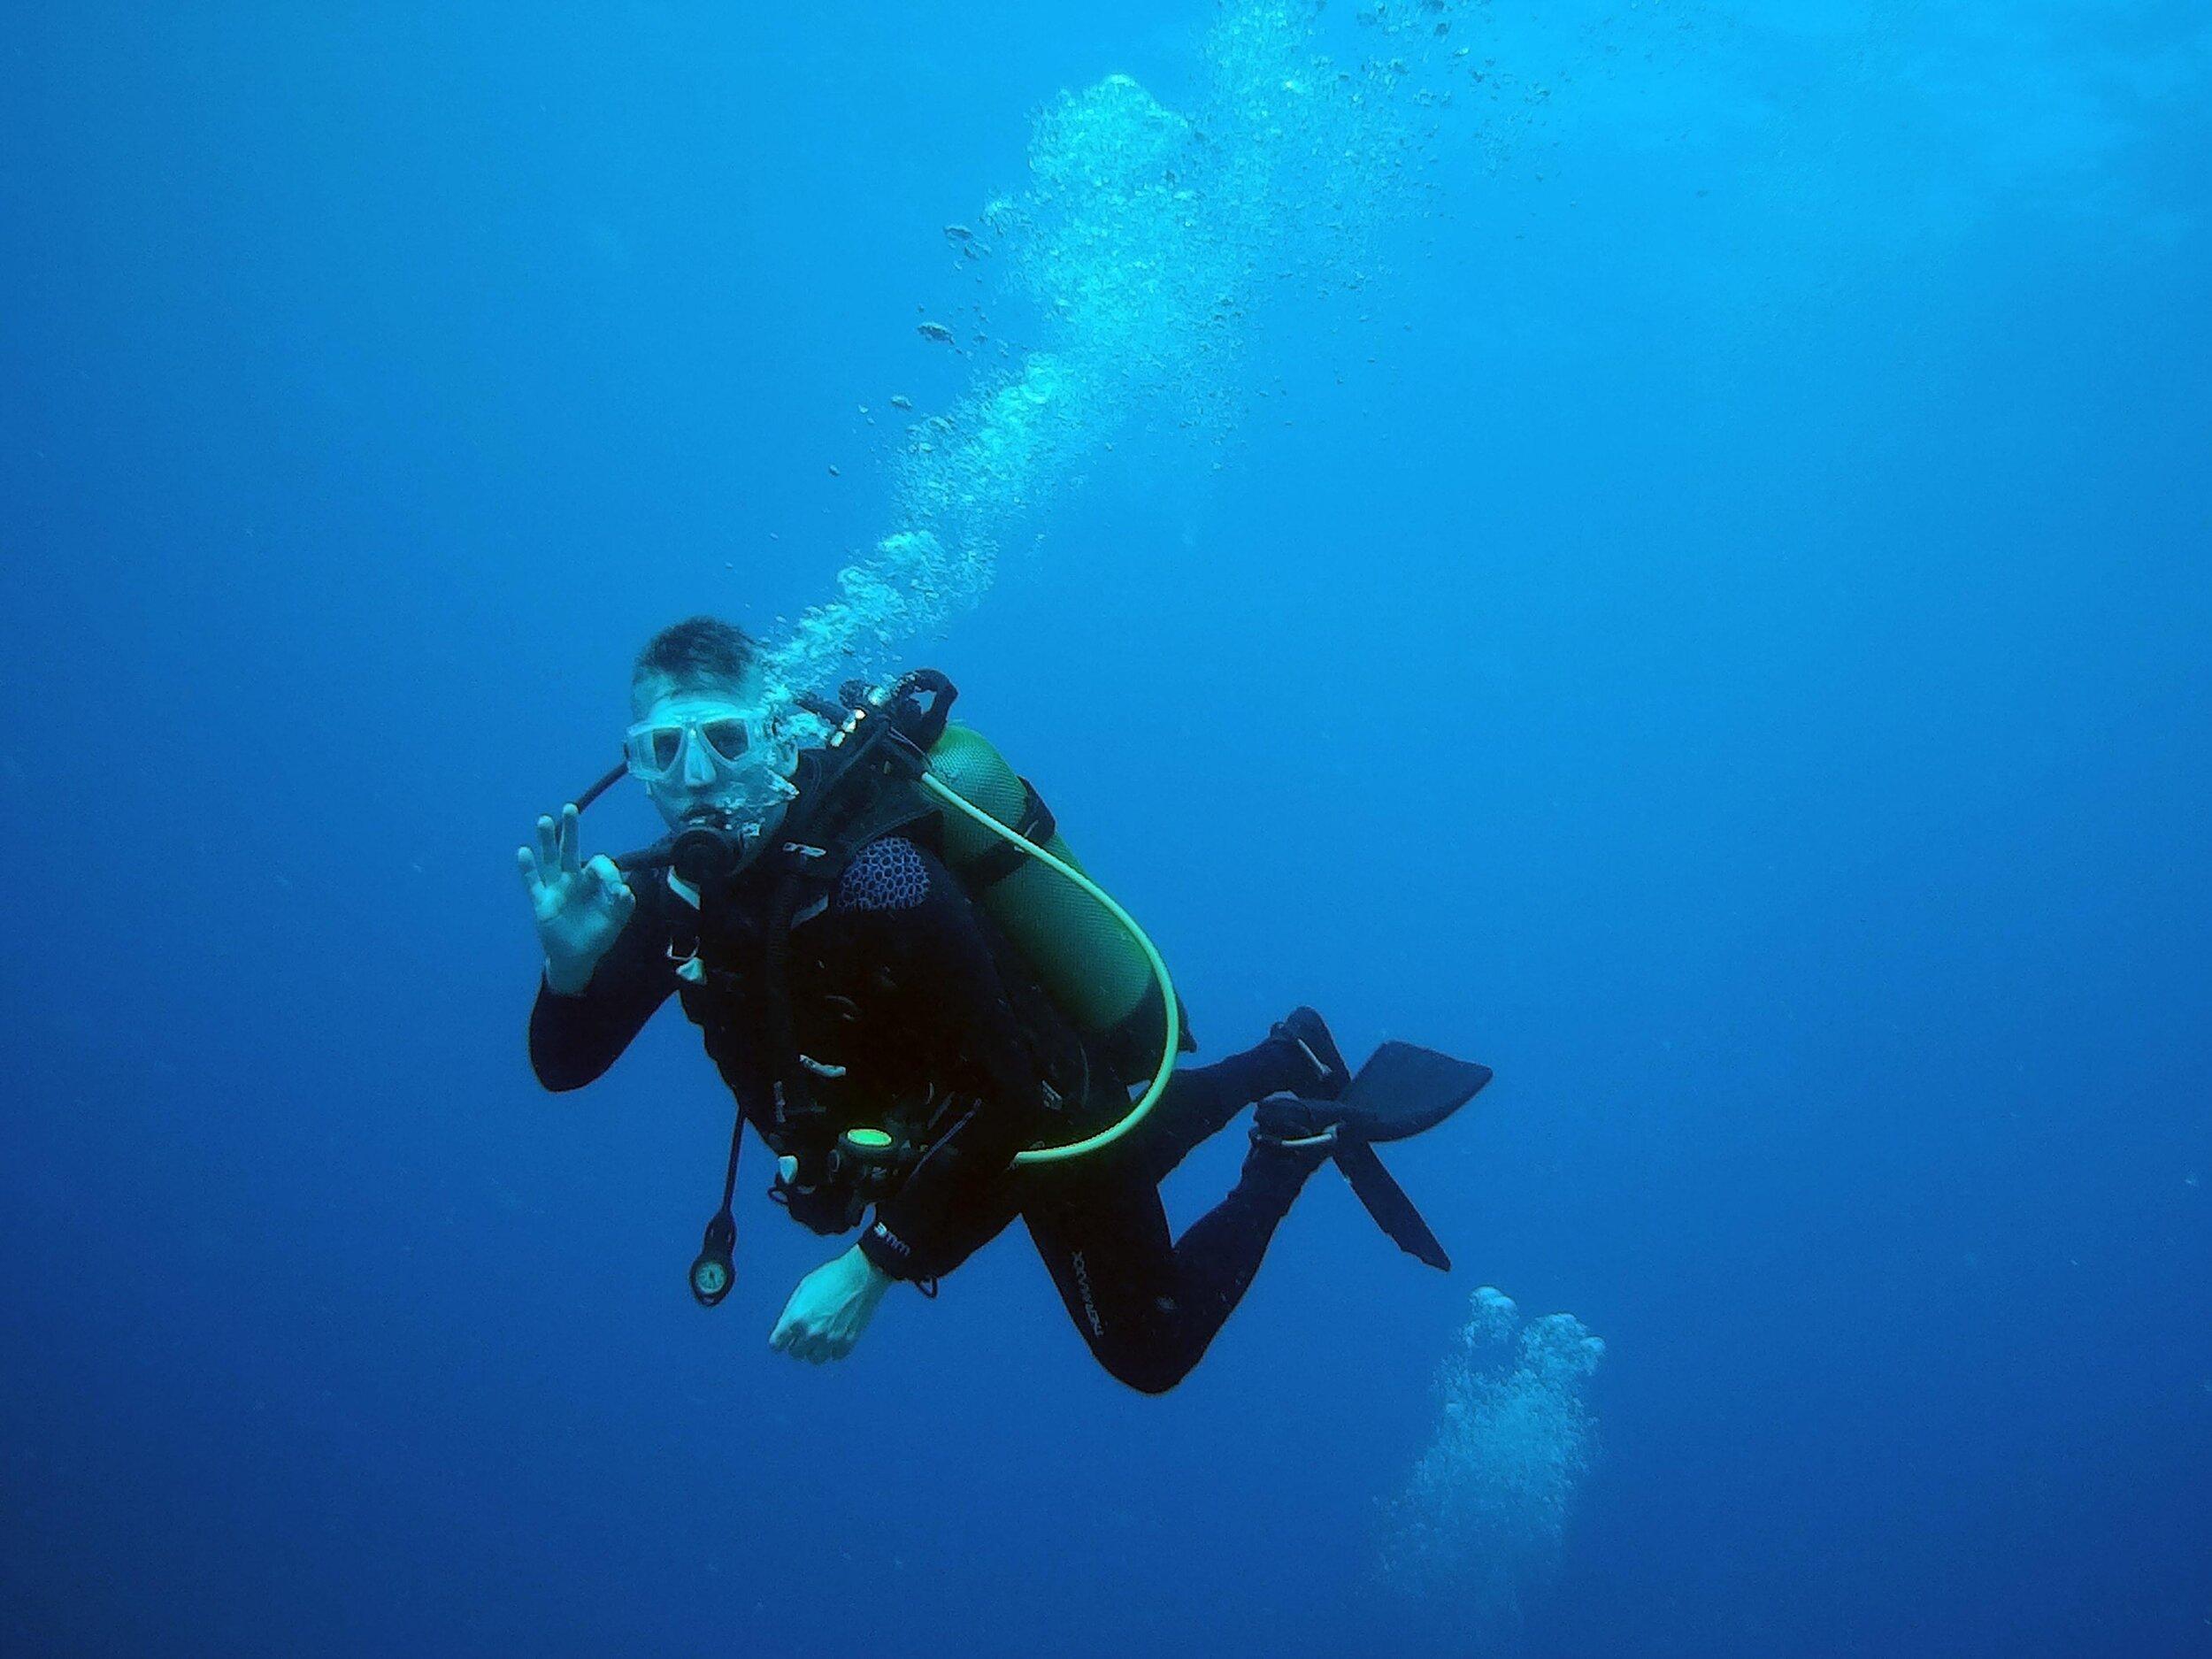 RR Underwater.jpeg